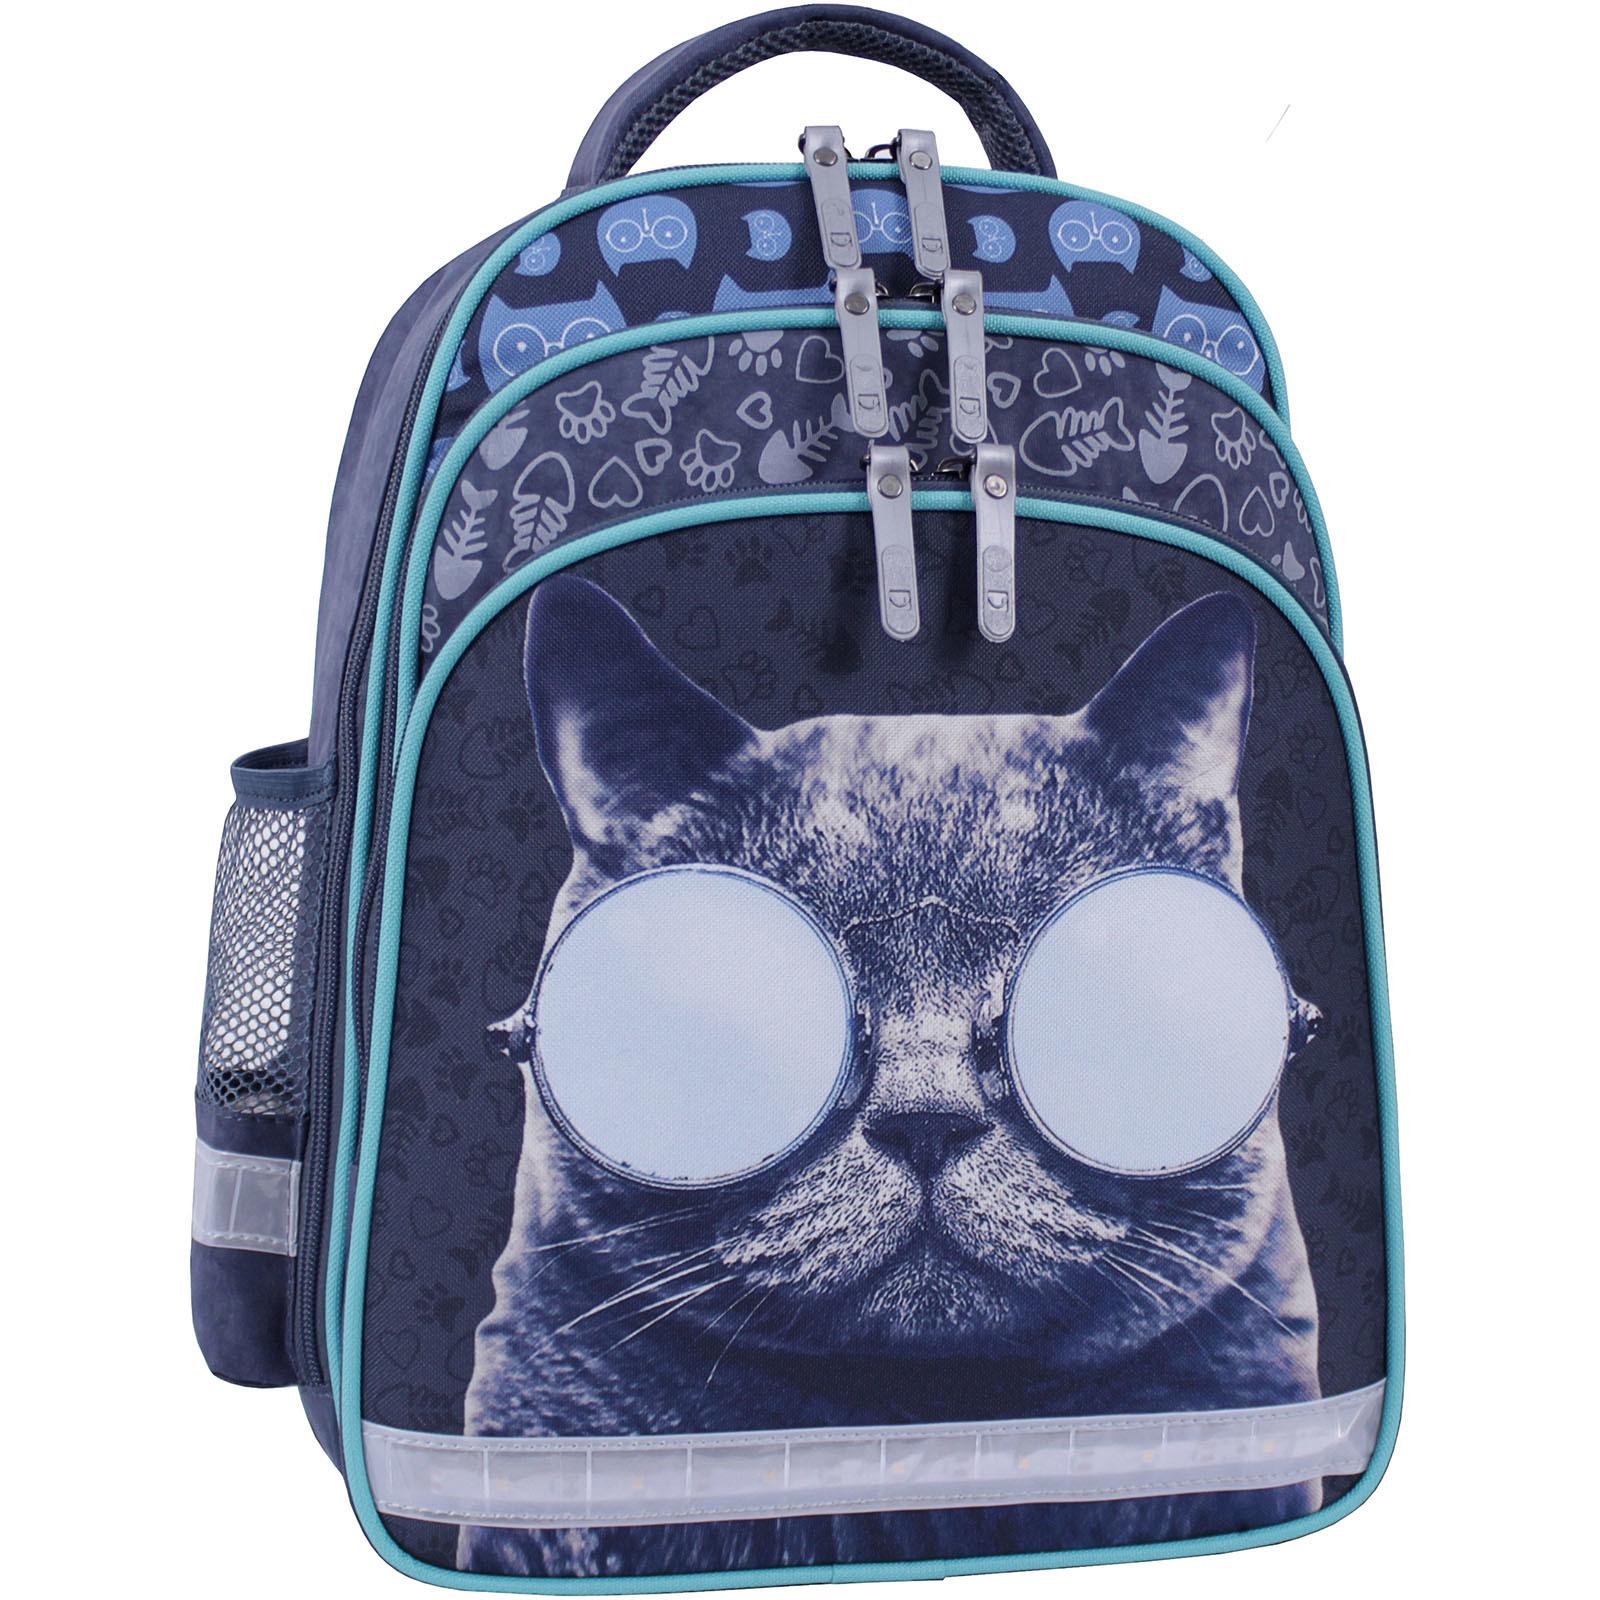 Рюкзак школьный Bagland Mouse 321 серый 611 (0051370) фото 1